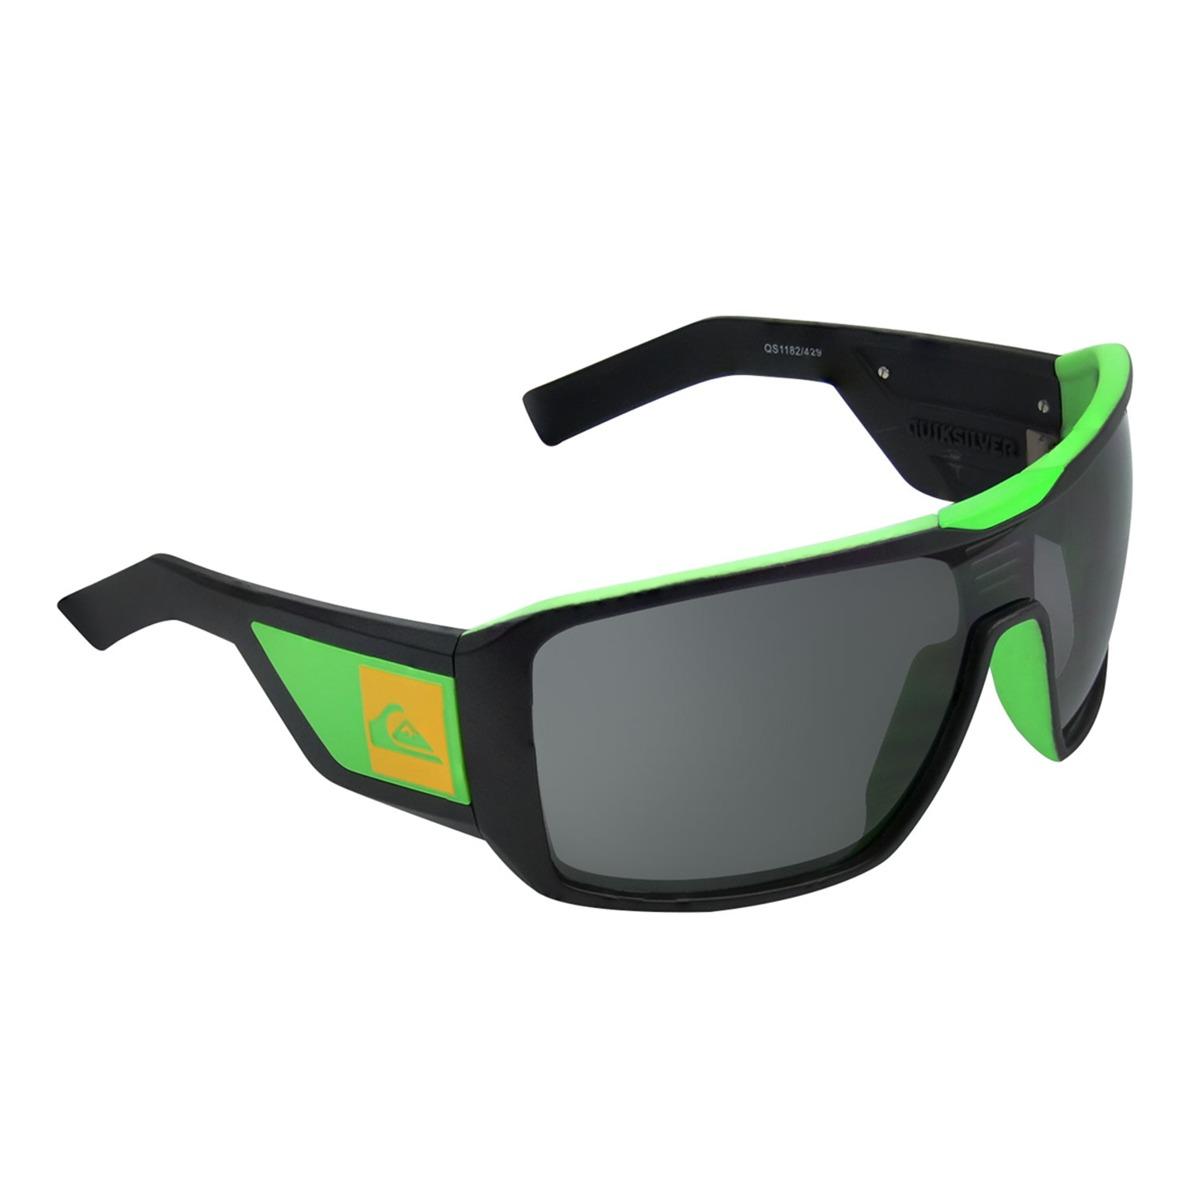 ac9e7e498f2b9 óculos quiksilver mackin black green. Carregando zoom.